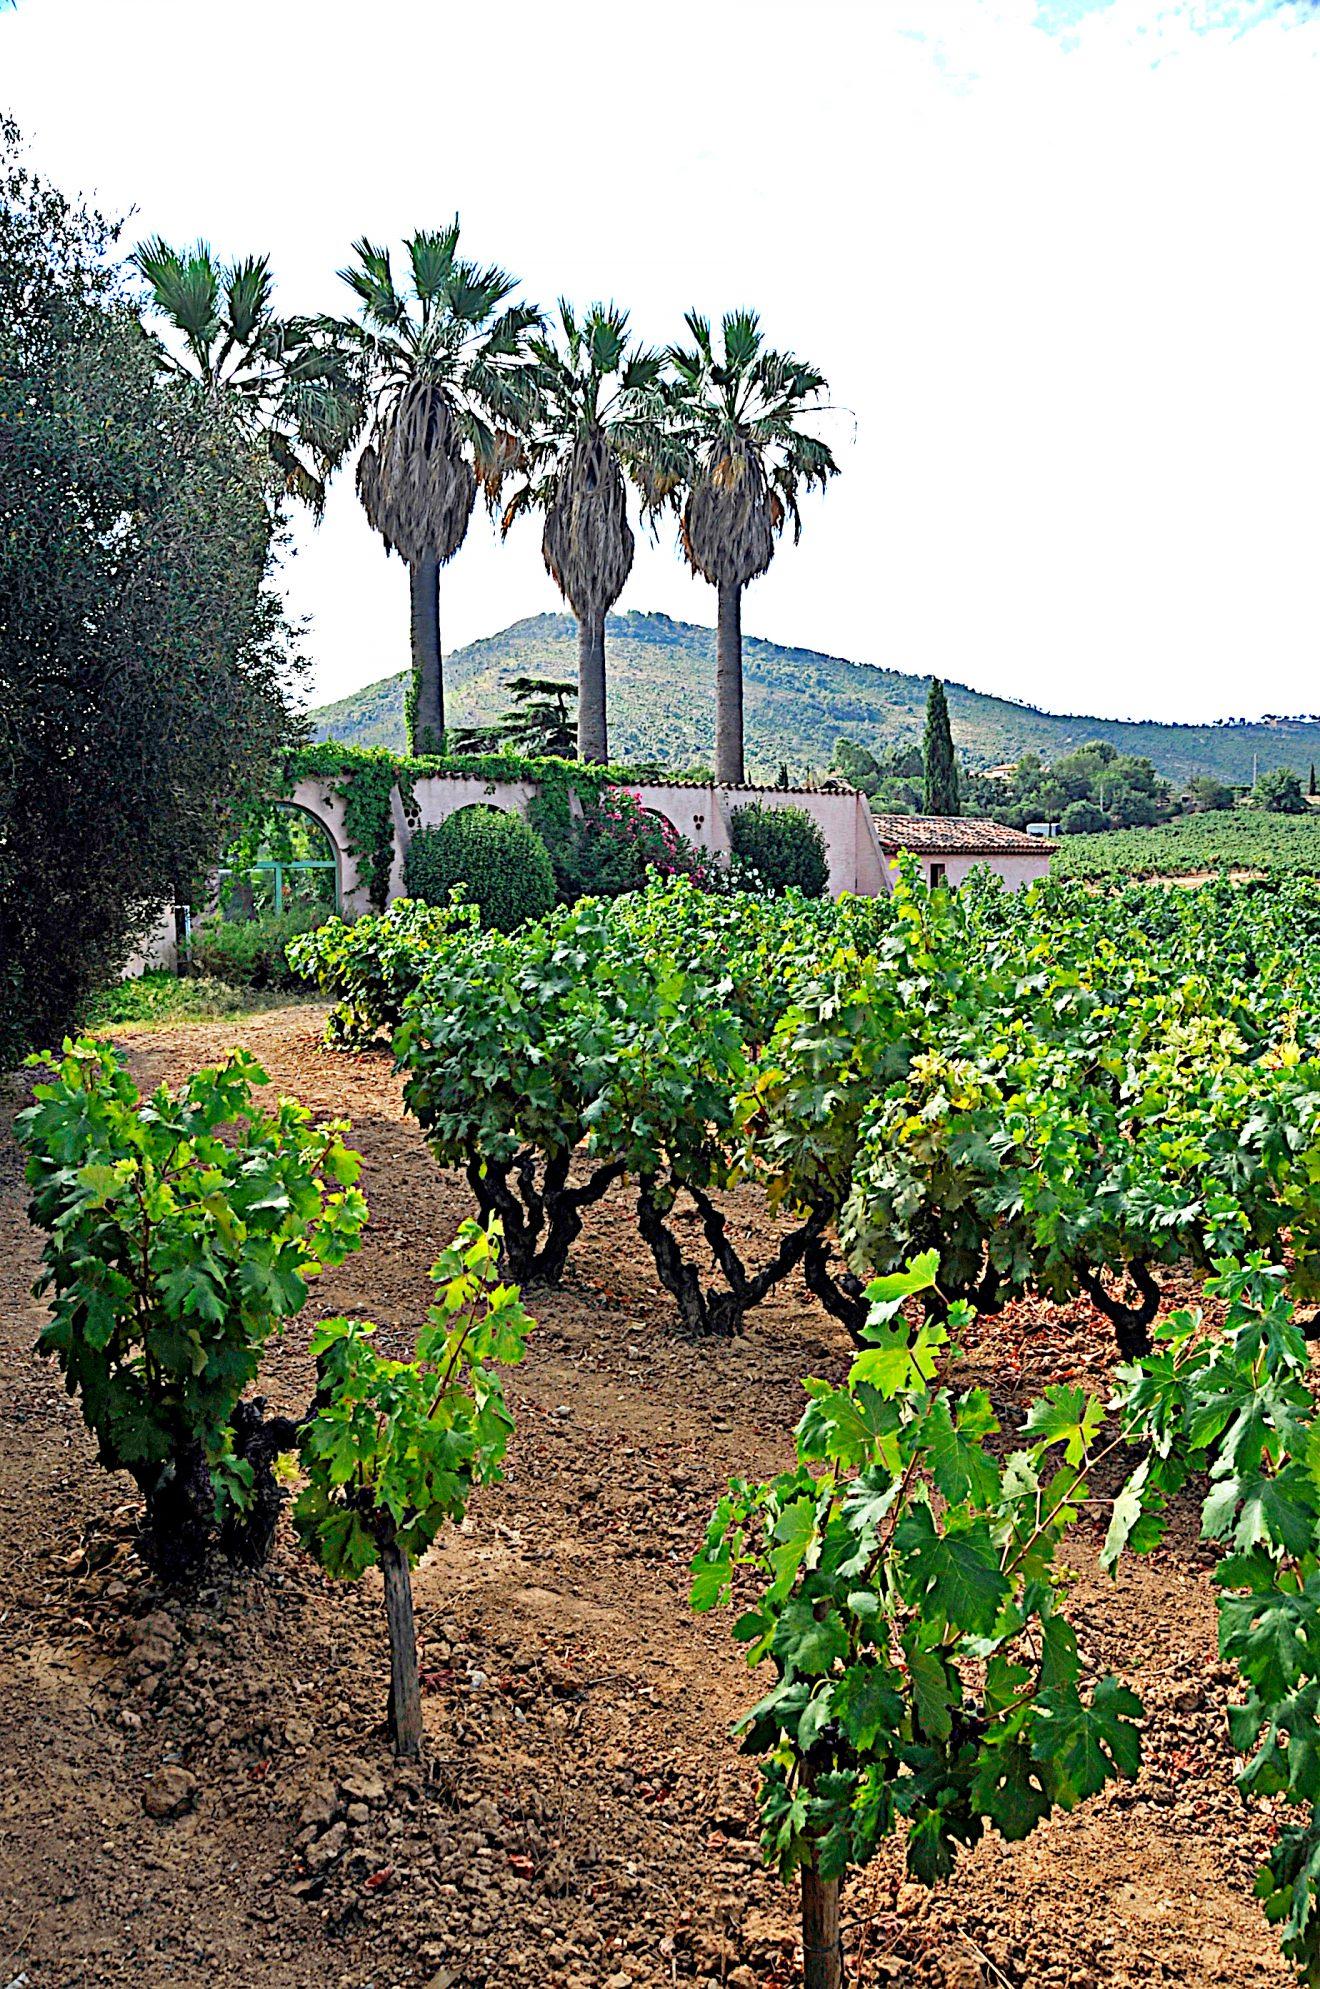 Pieds de vigne tibouren, cépage autochtone provençal. Photo © DR